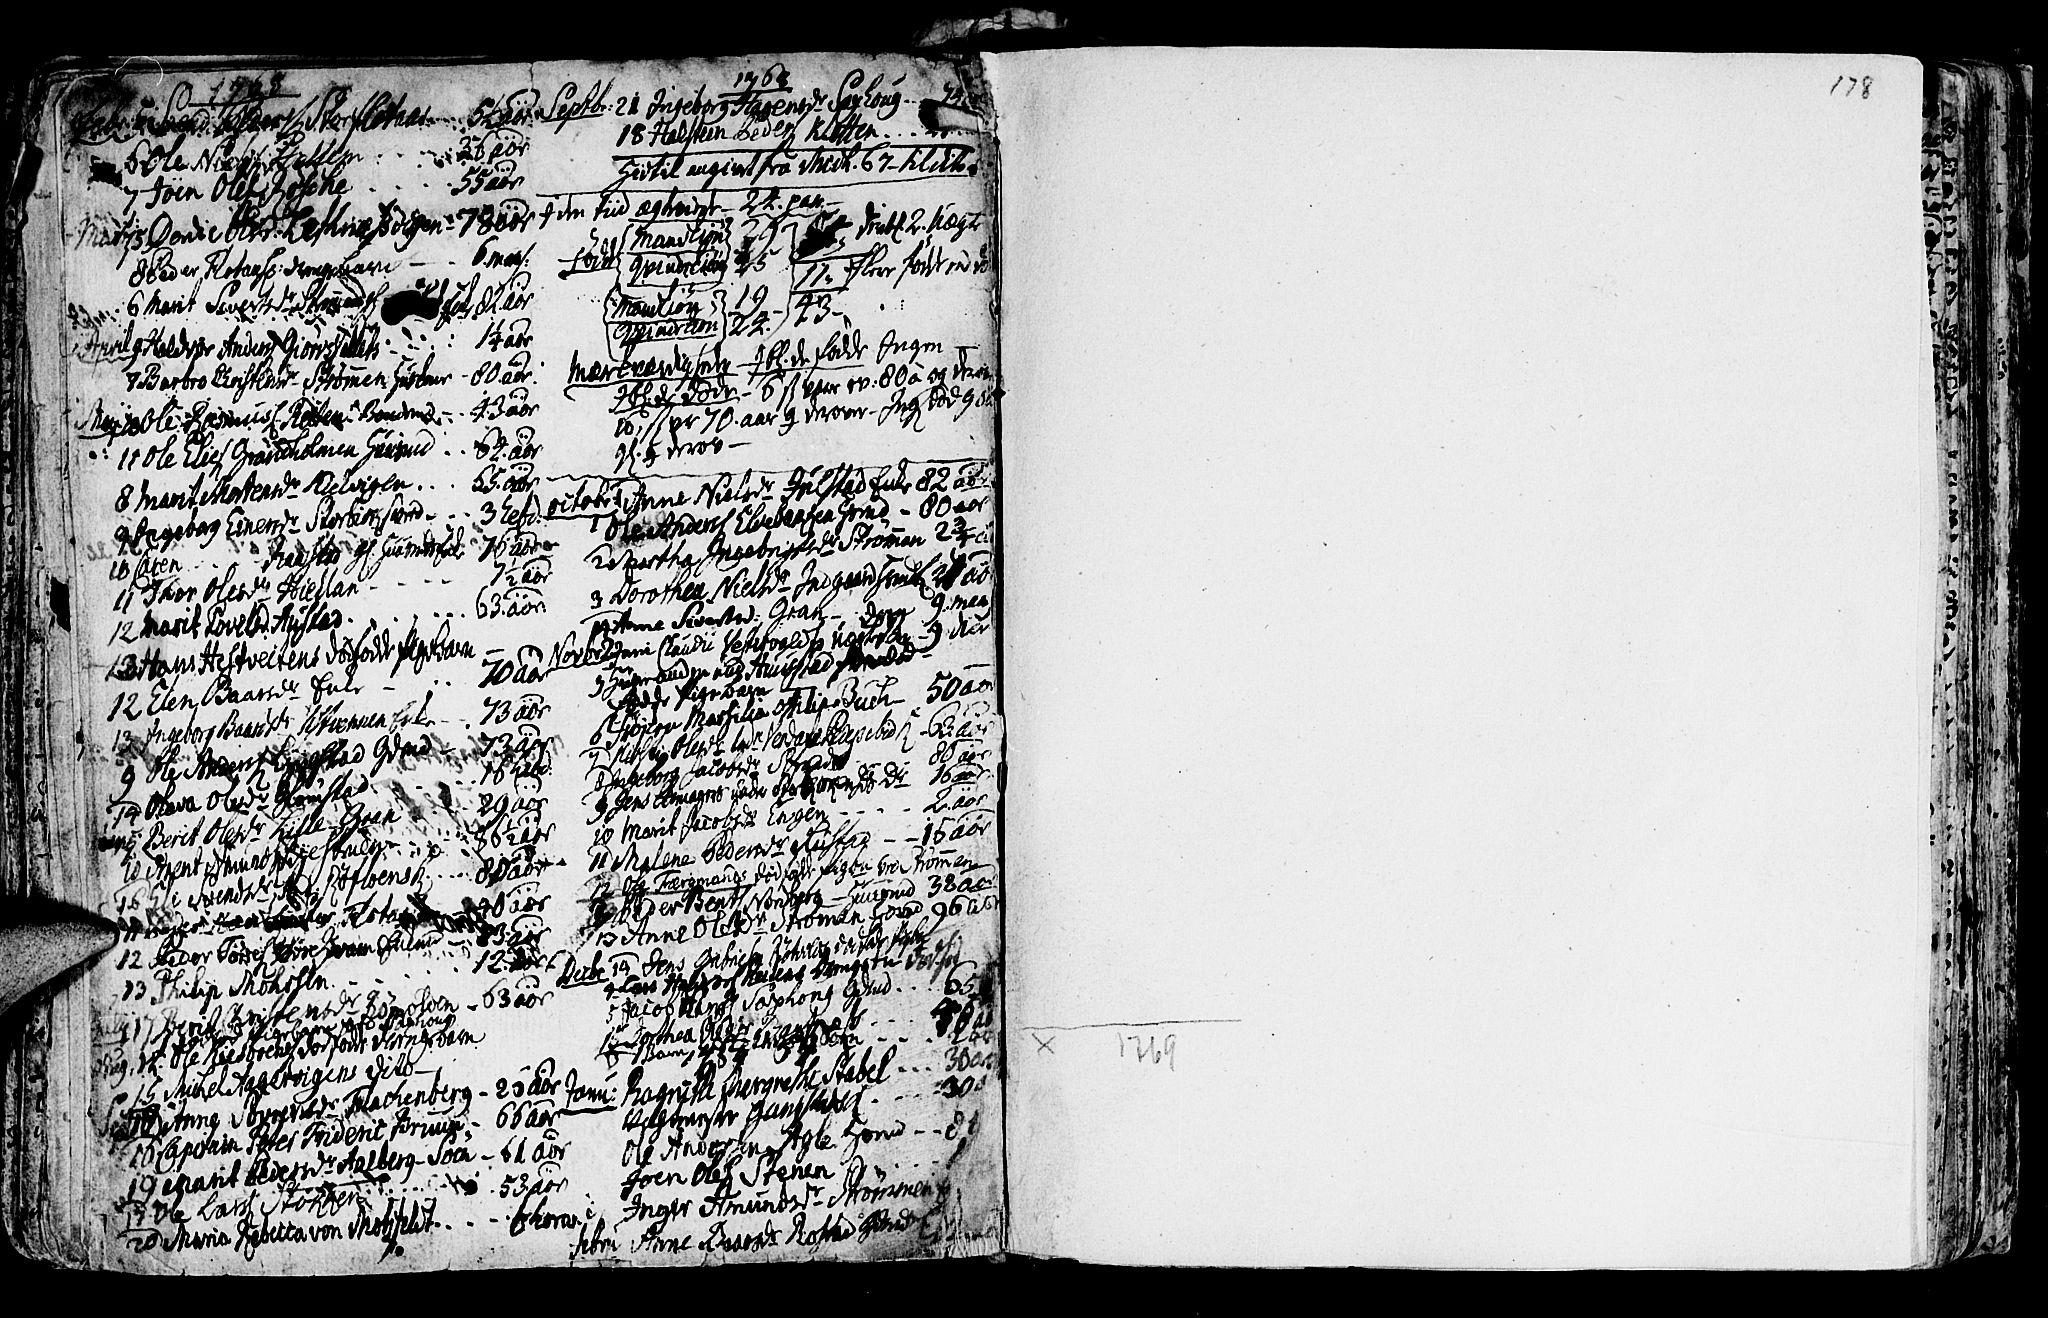 SAT, Ministerialprotokoller, klokkerbøker og fødselsregistre - Nord-Trøndelag, 730/L0273: Ministerialbok nr. 730A02, 1762-1802, s. 178